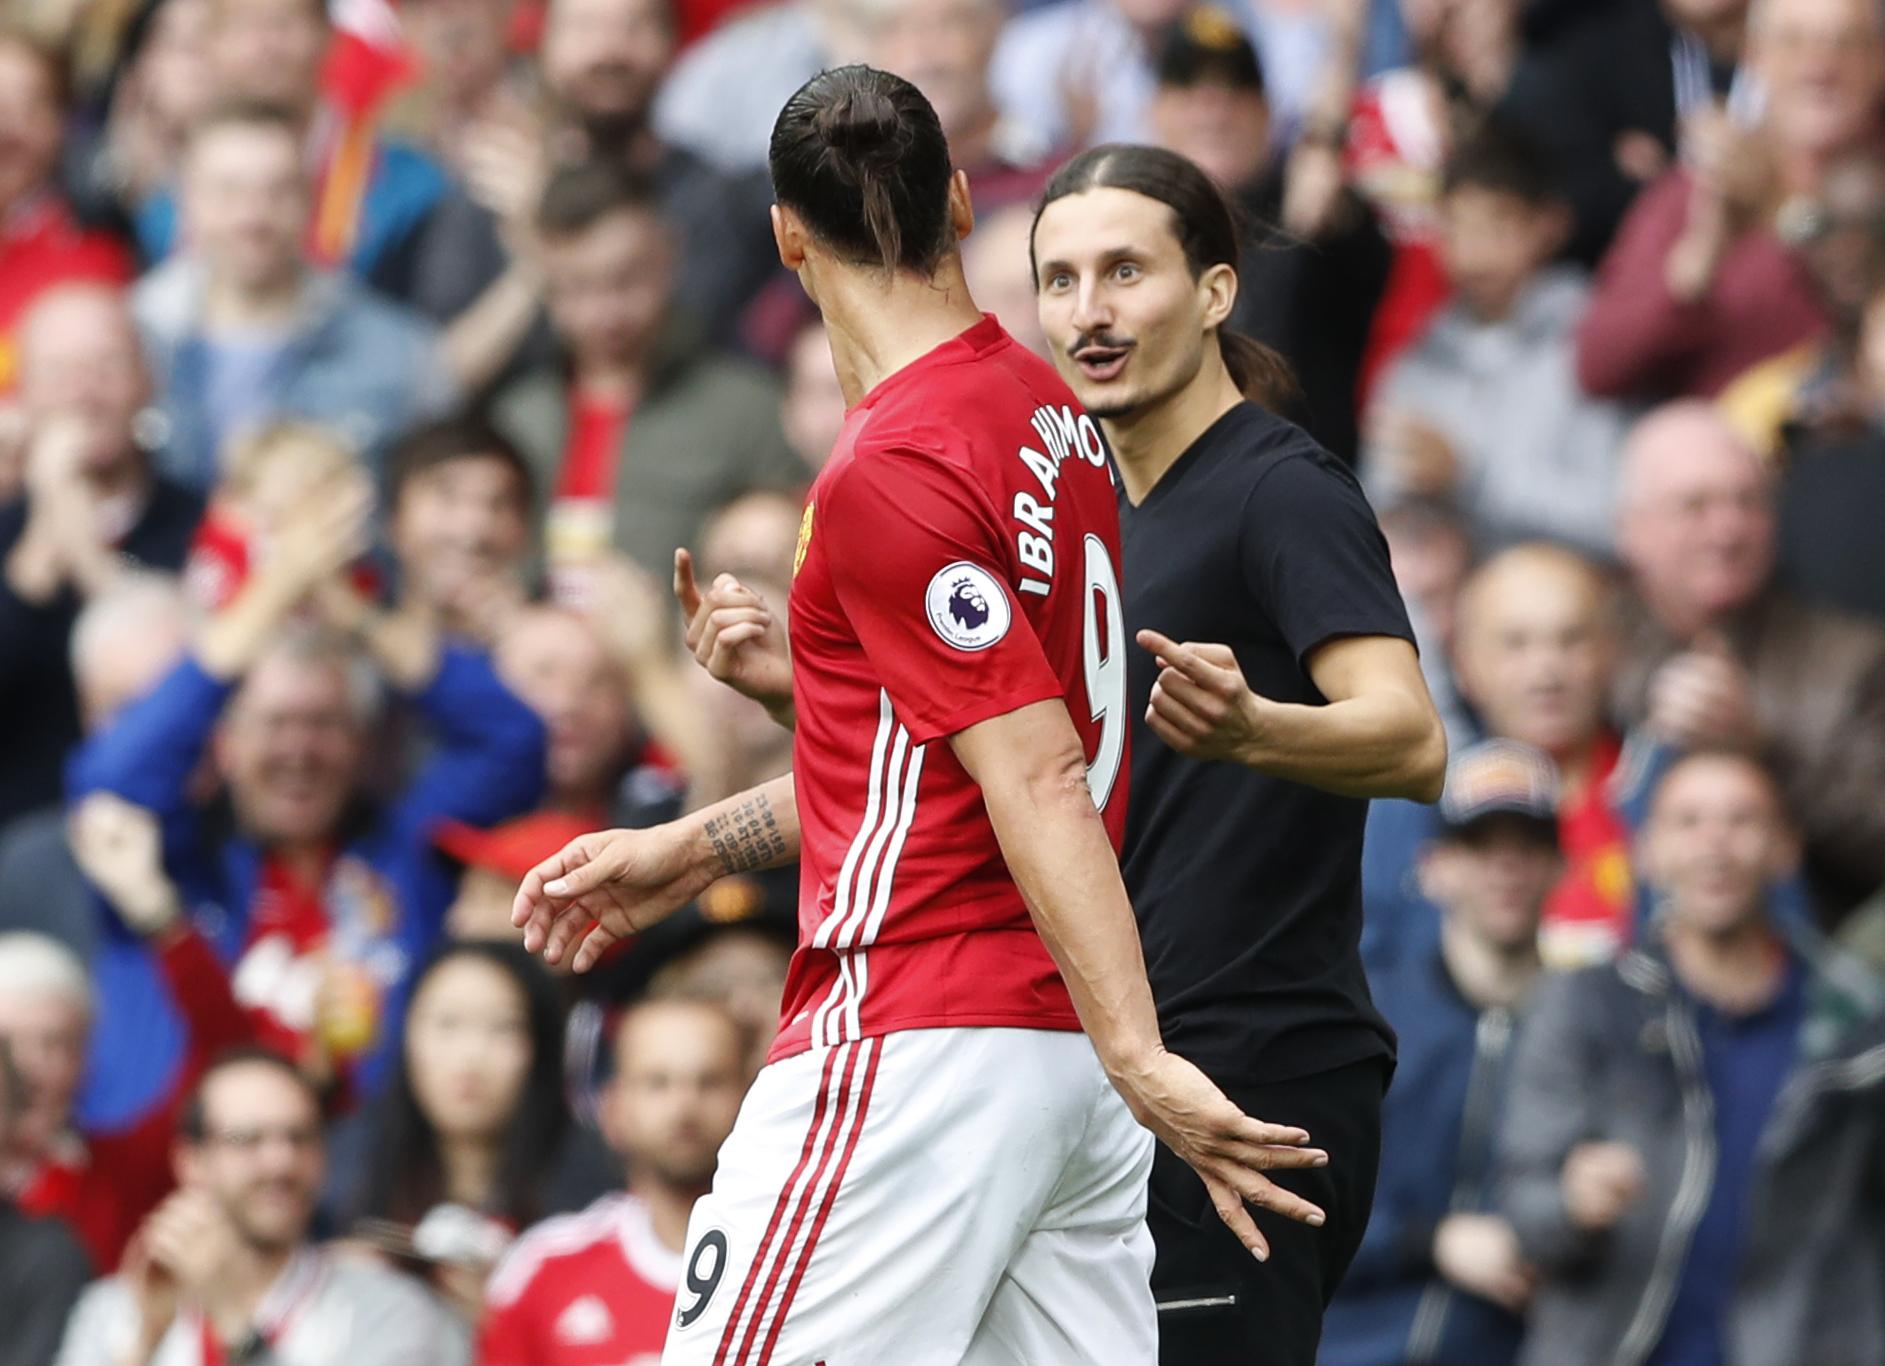 Football - Etranger - Un sosie d'Ibrahimovic entre sur la pelouse pour saluer la star